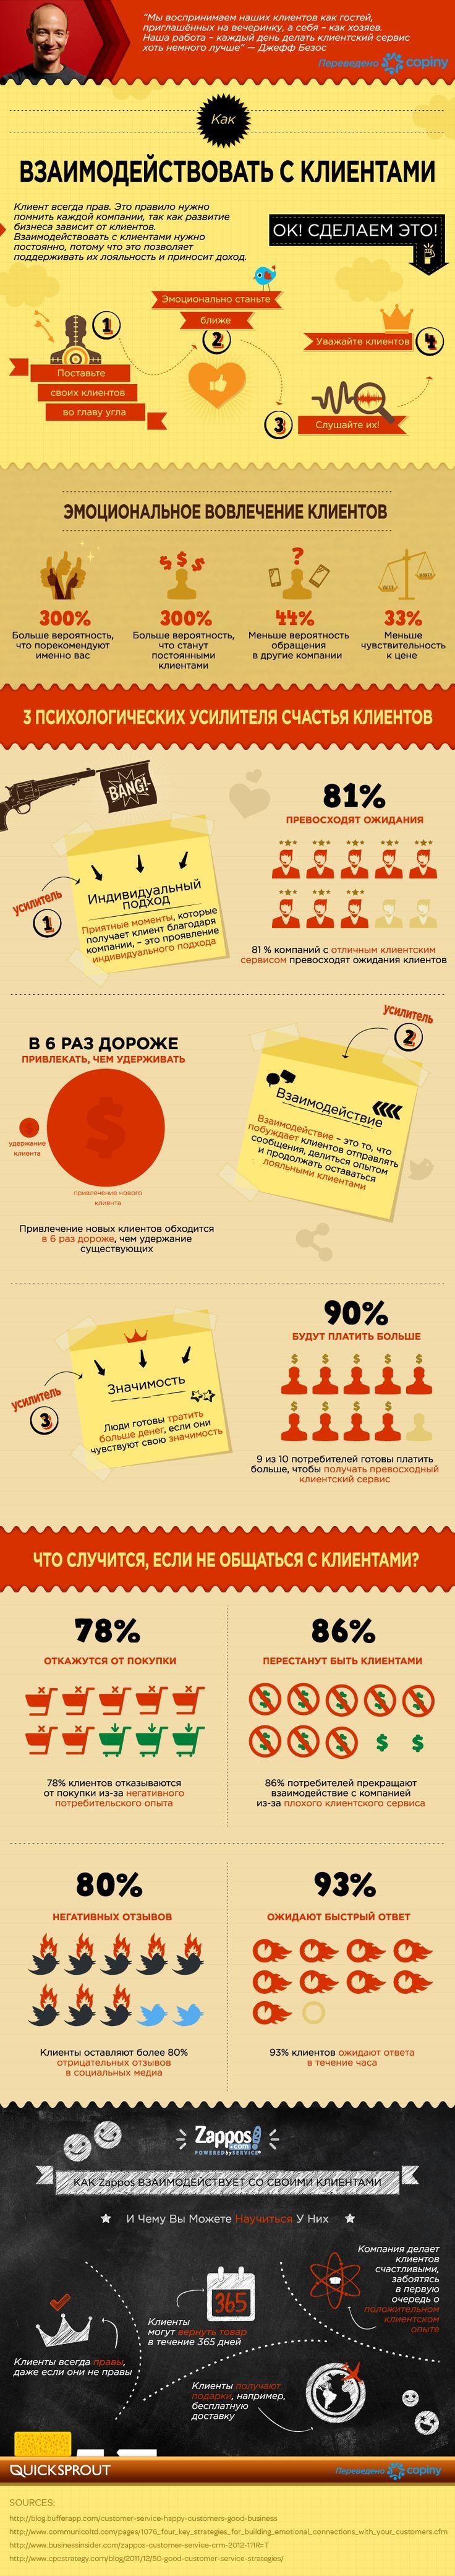 Как взаимодействовать с клиентами?